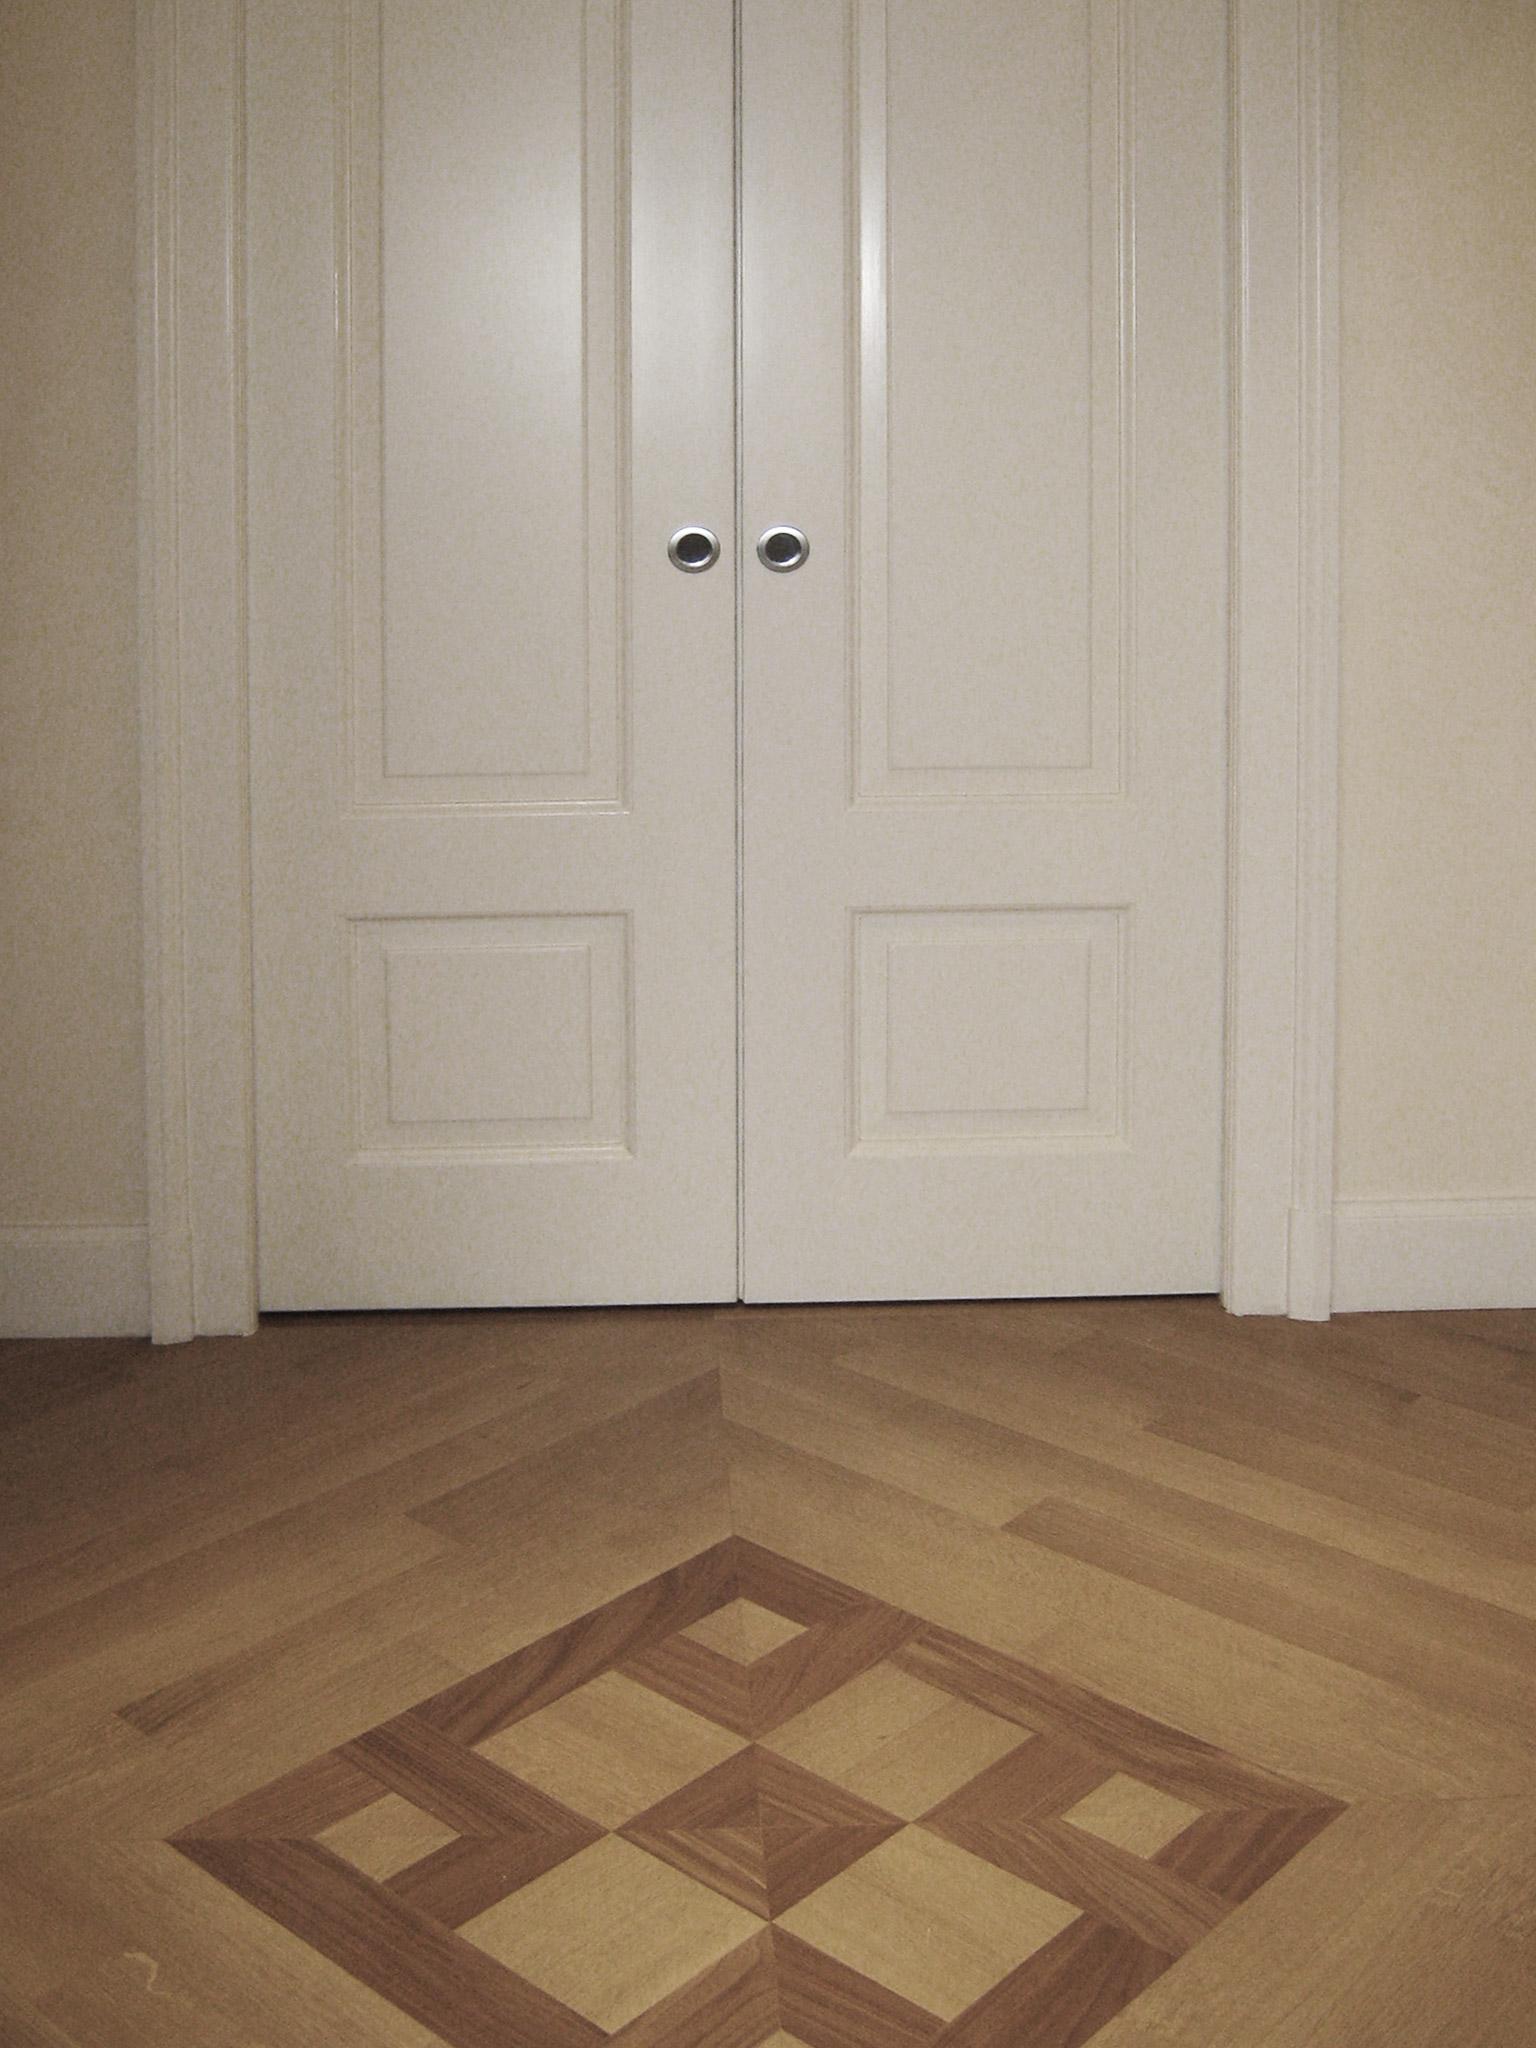 5. Pavimentazione in legno di teak a doghe con decoro centrale e porta doppia scorrevole con bugnata laccata a mano: lavori ultimati.